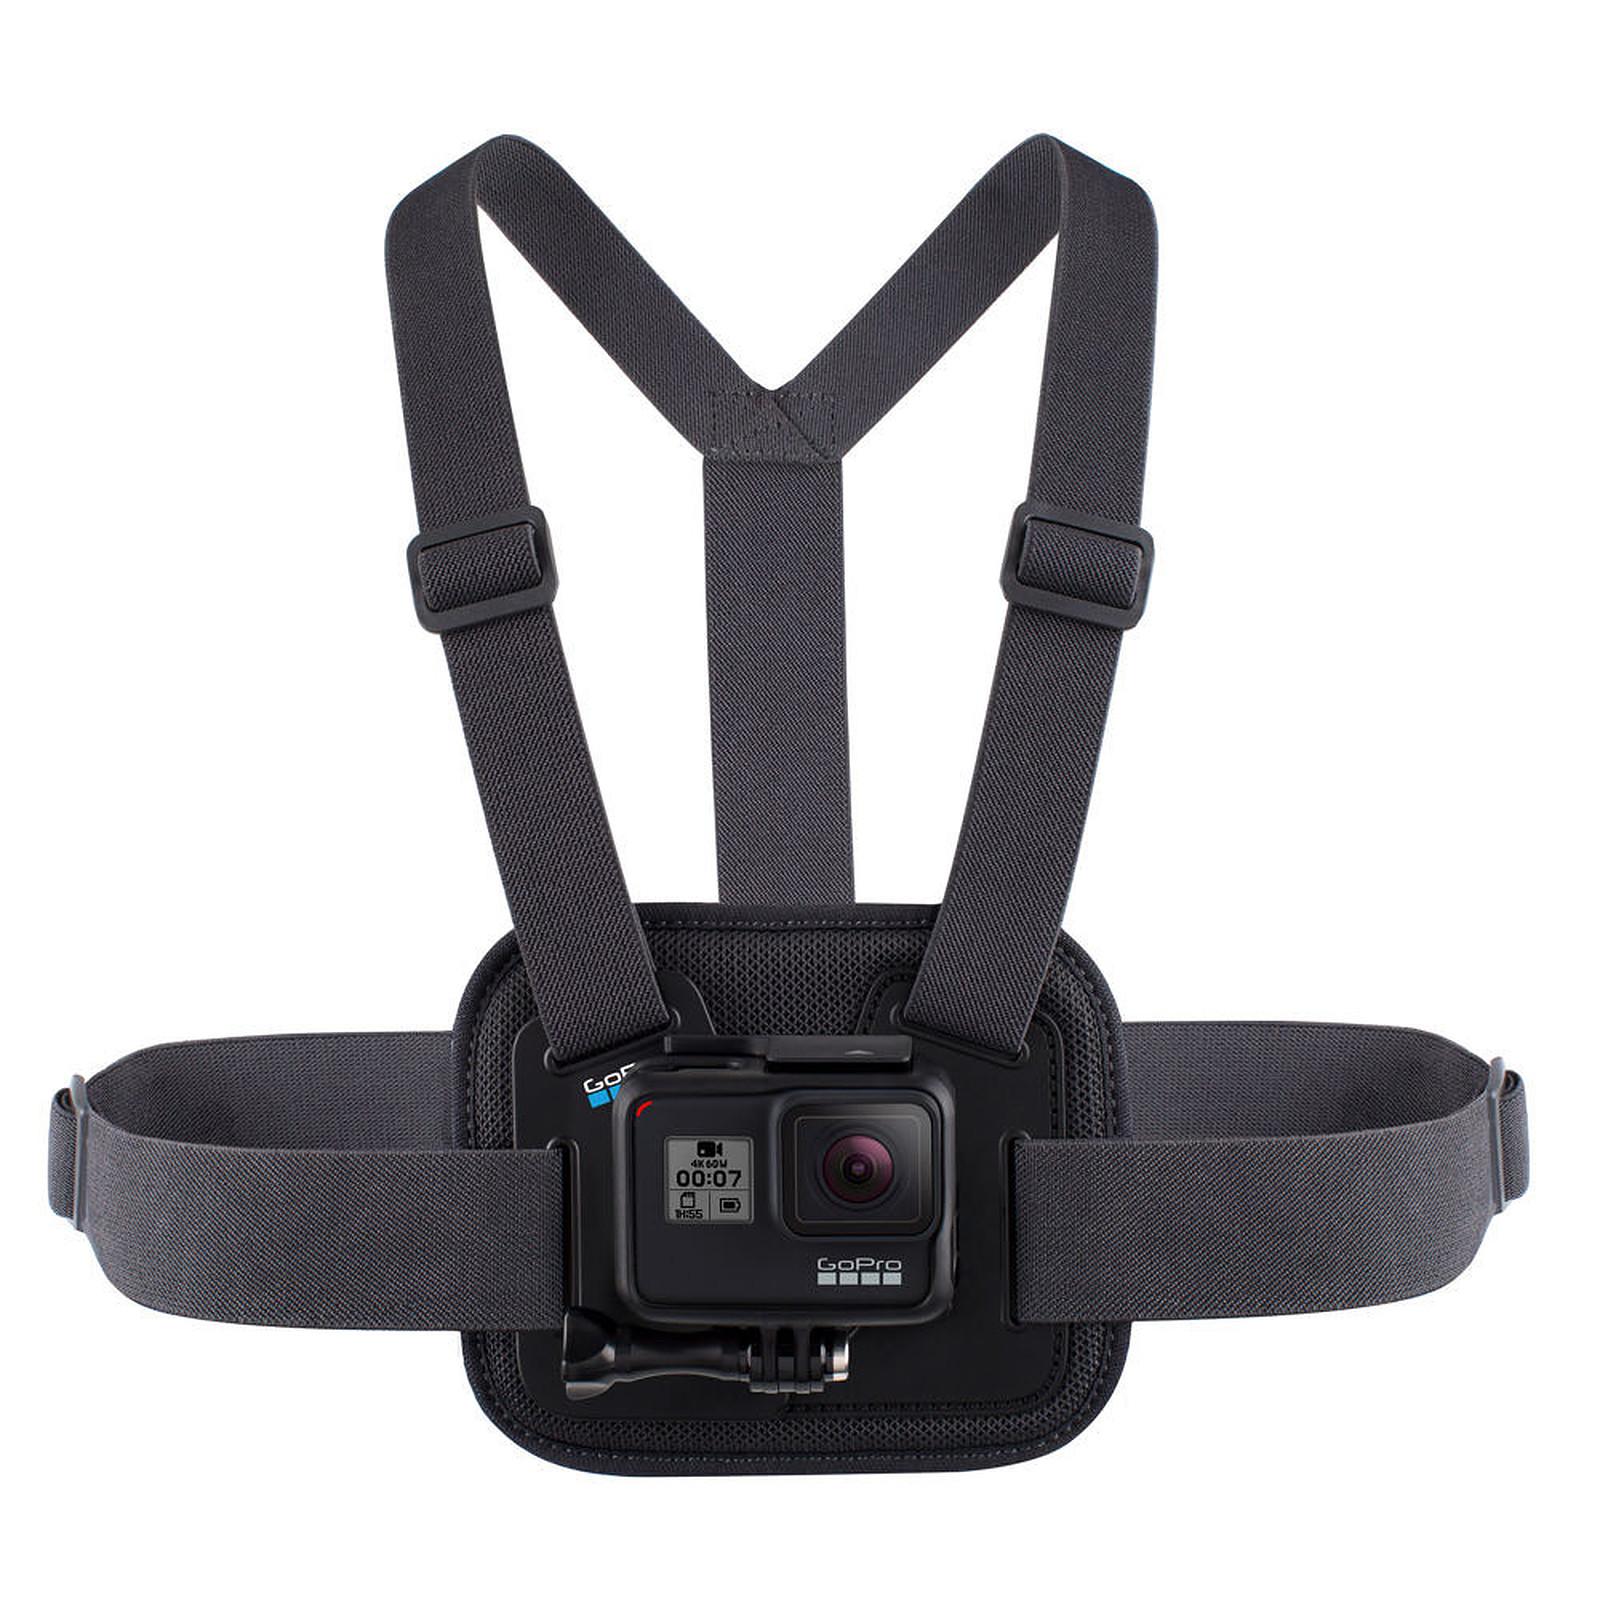 GoPro Chesty (AGCHM-001)